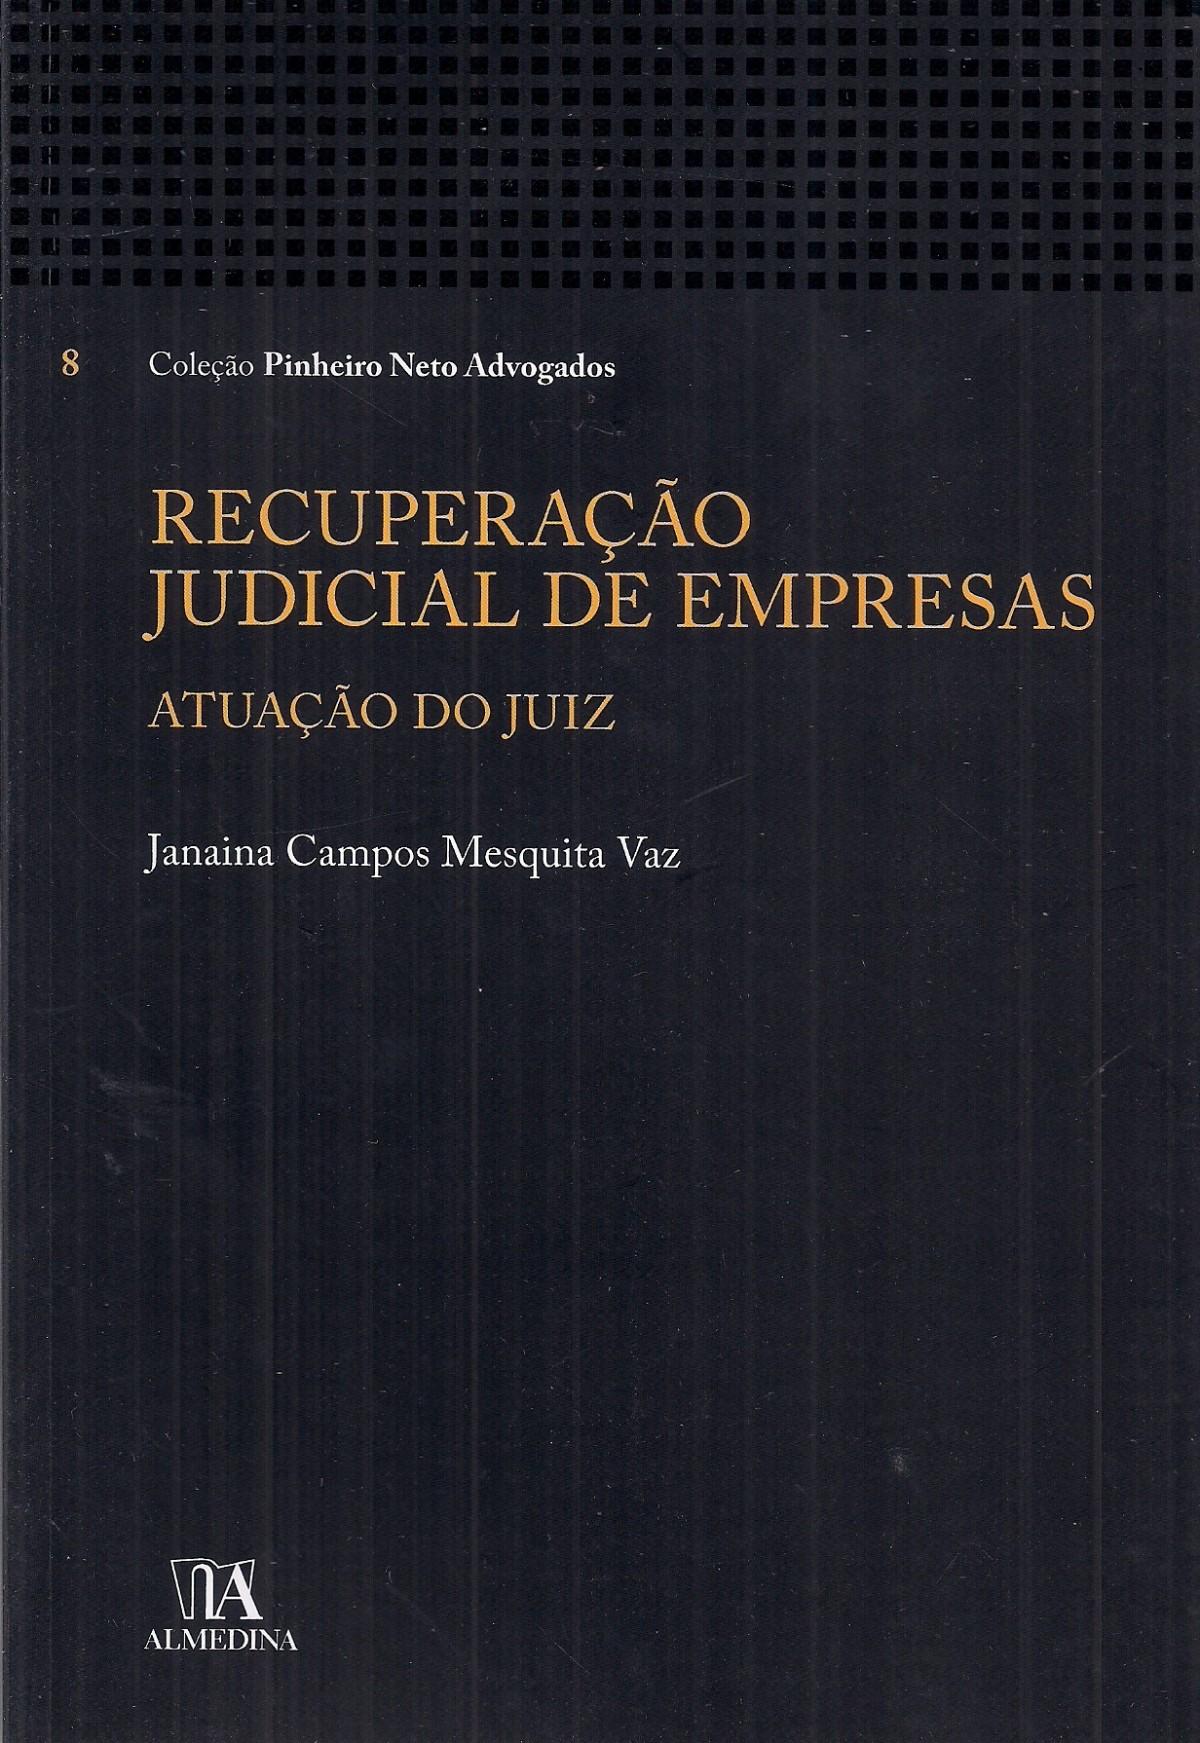 Foto 1 - Recuperação Judicial de Empresas